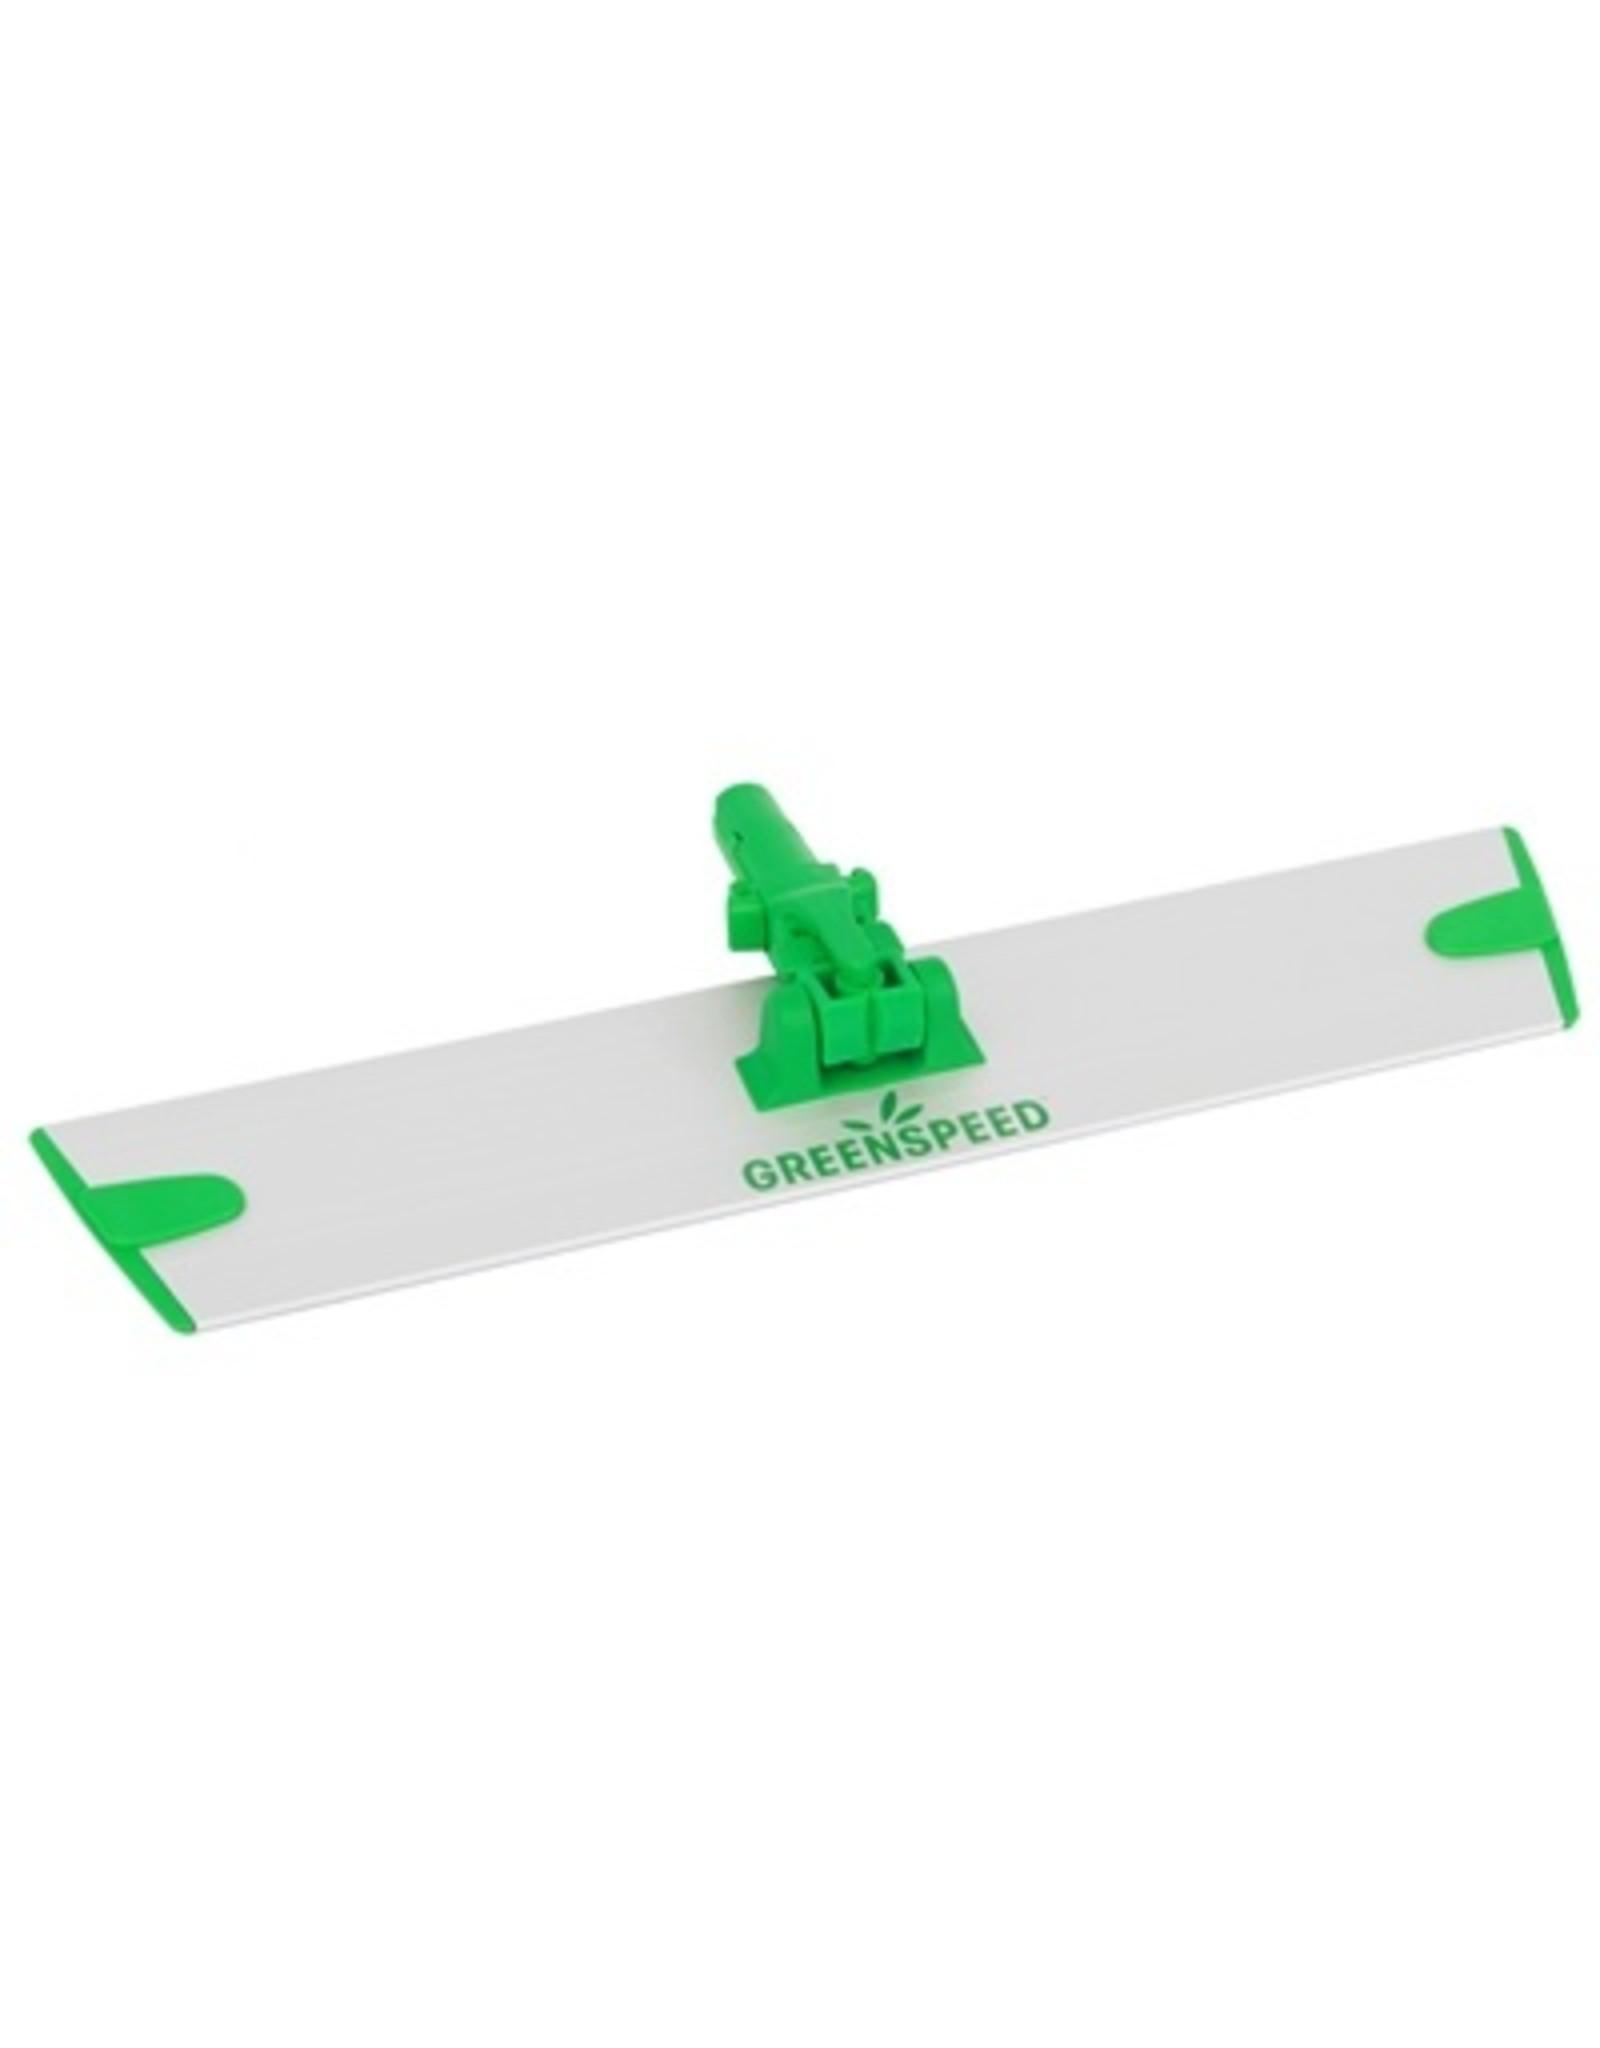 GREENSPEED Greenspeed Vlakmopplaat 40 cm Velcro